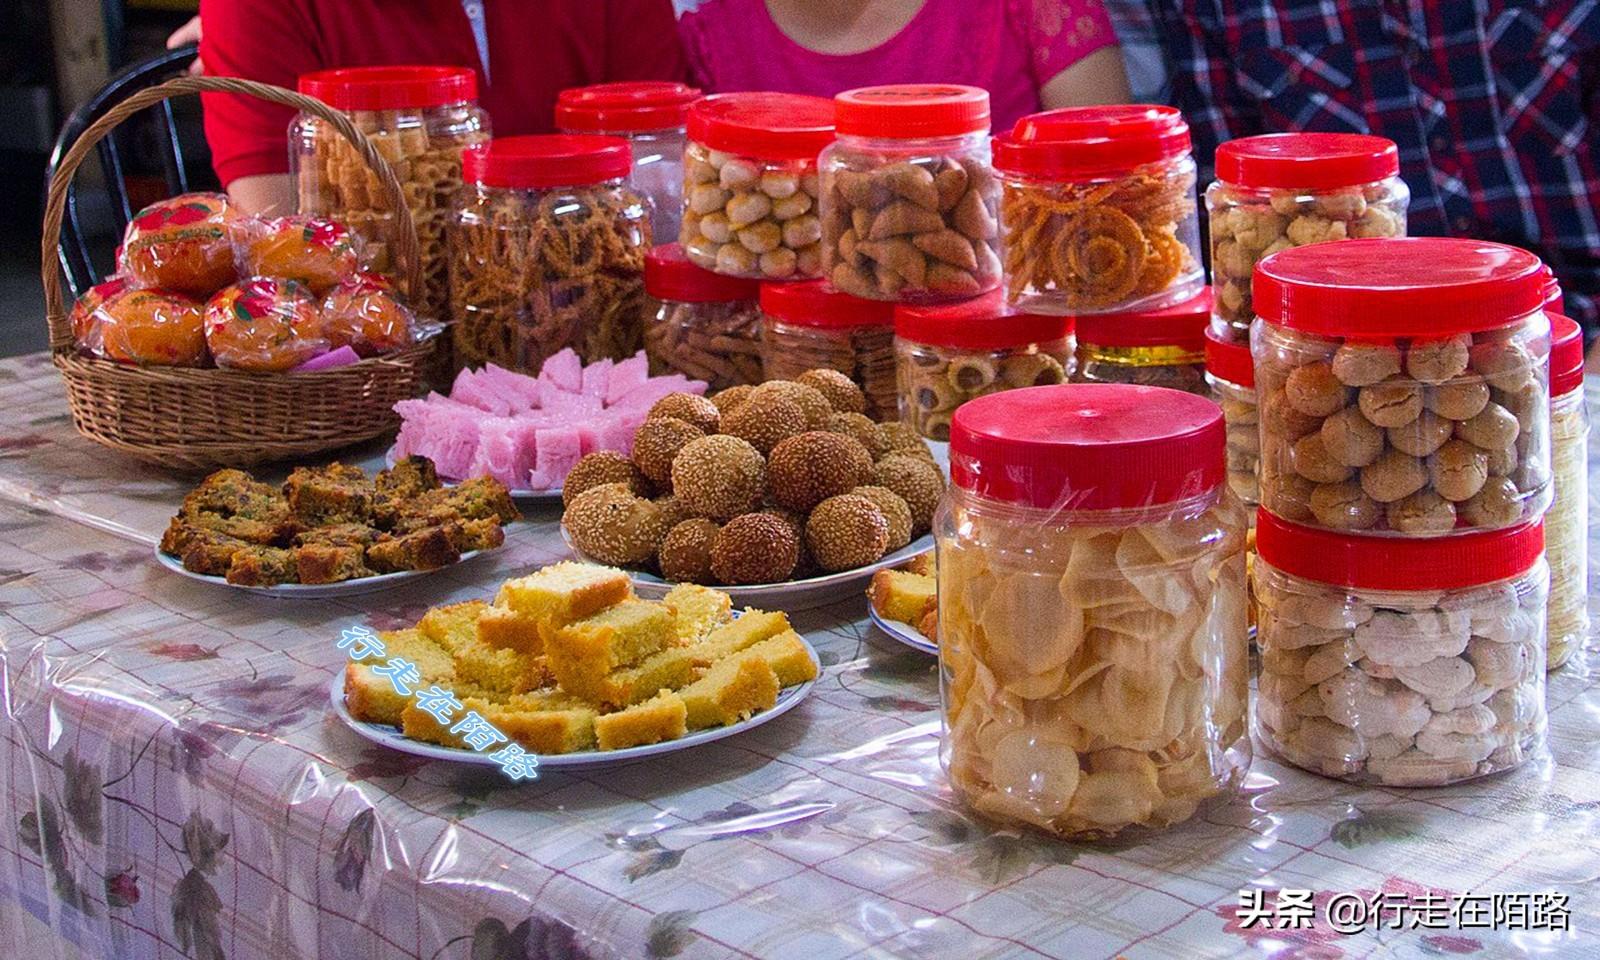 圣诞岛:六成华人只有30%承认祖先,螃蟹满地爬却不让吃